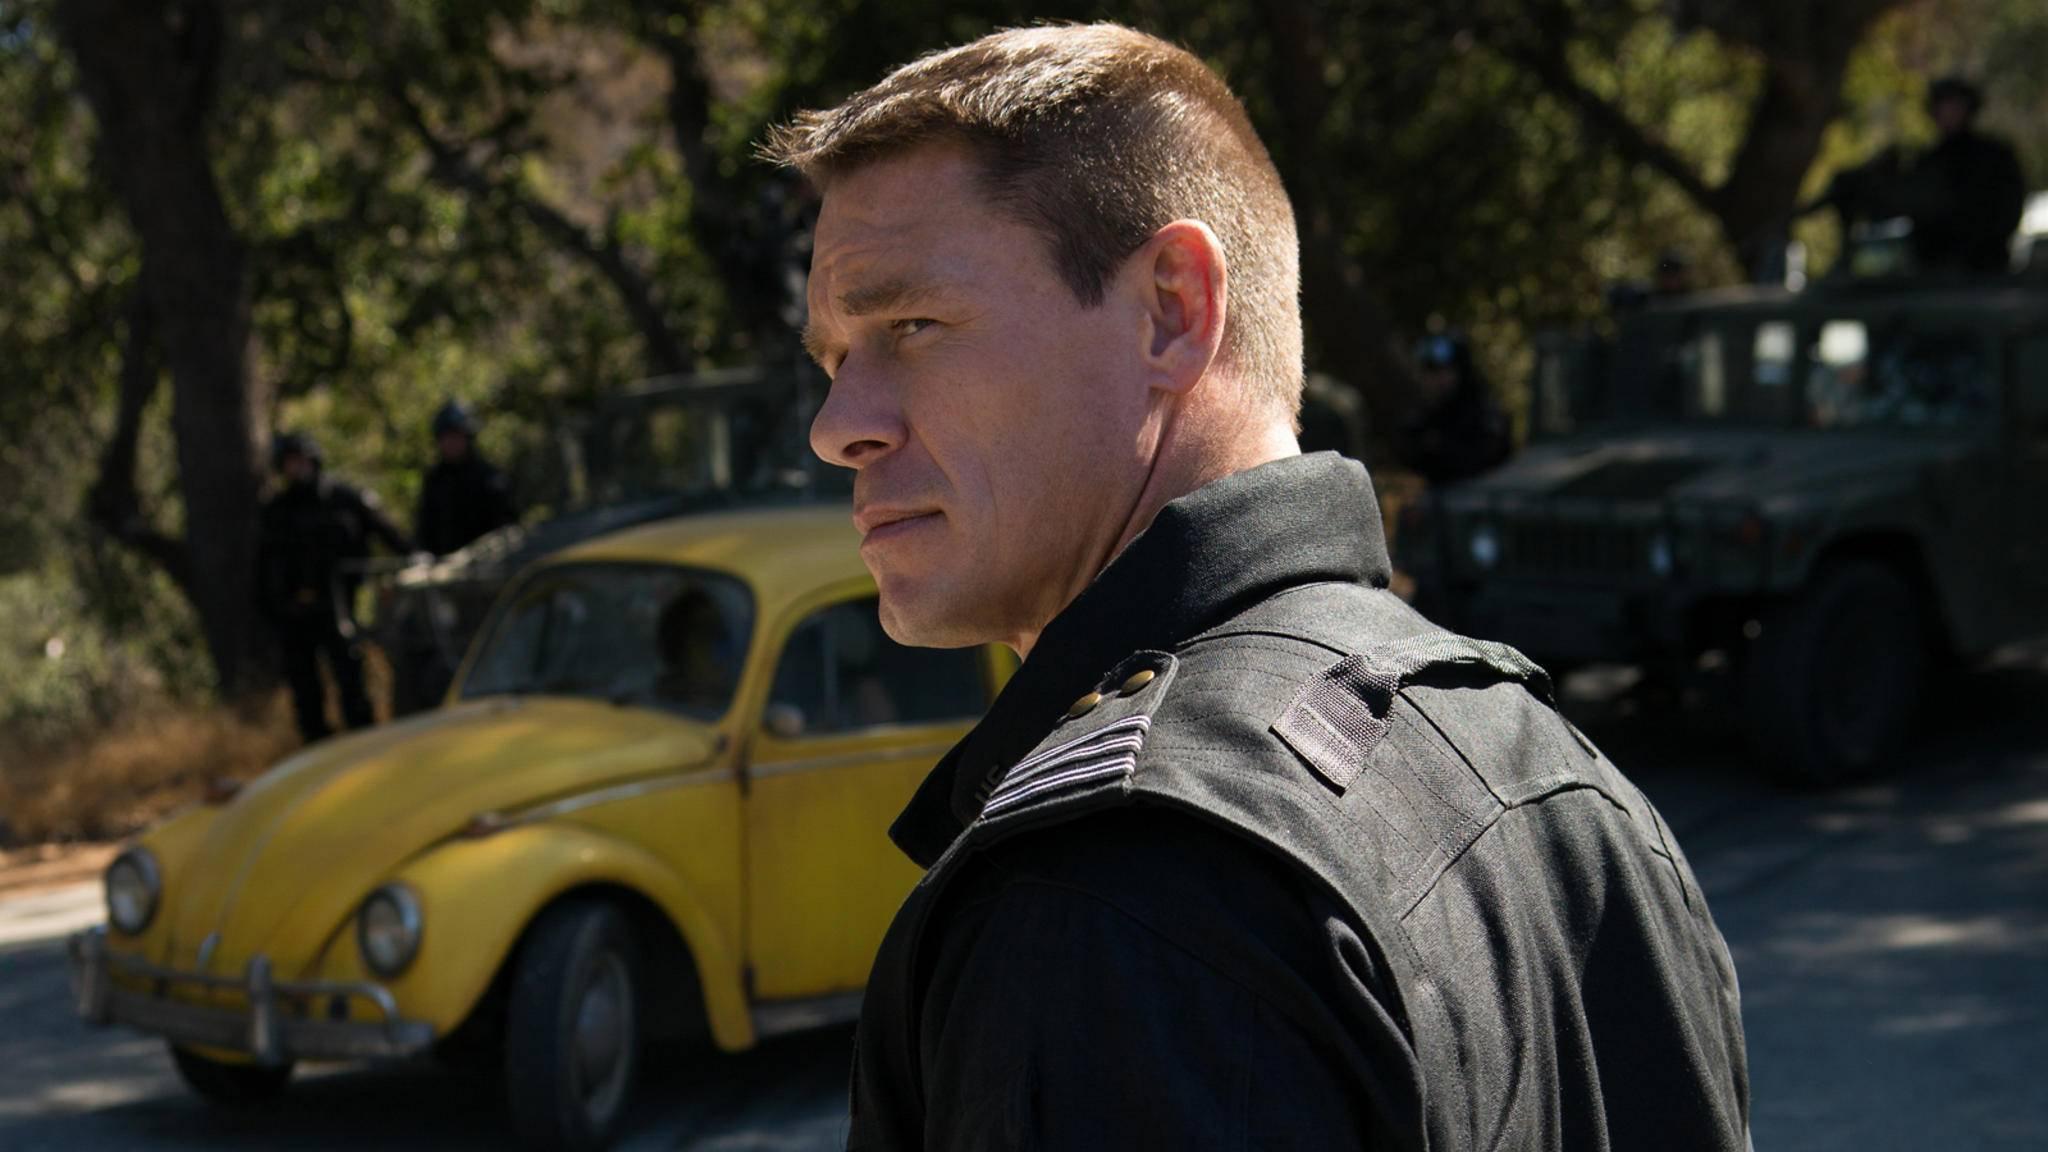 """Wen könnte John Cena in """"Suicide Squad 2"""" wohl spielen?"""